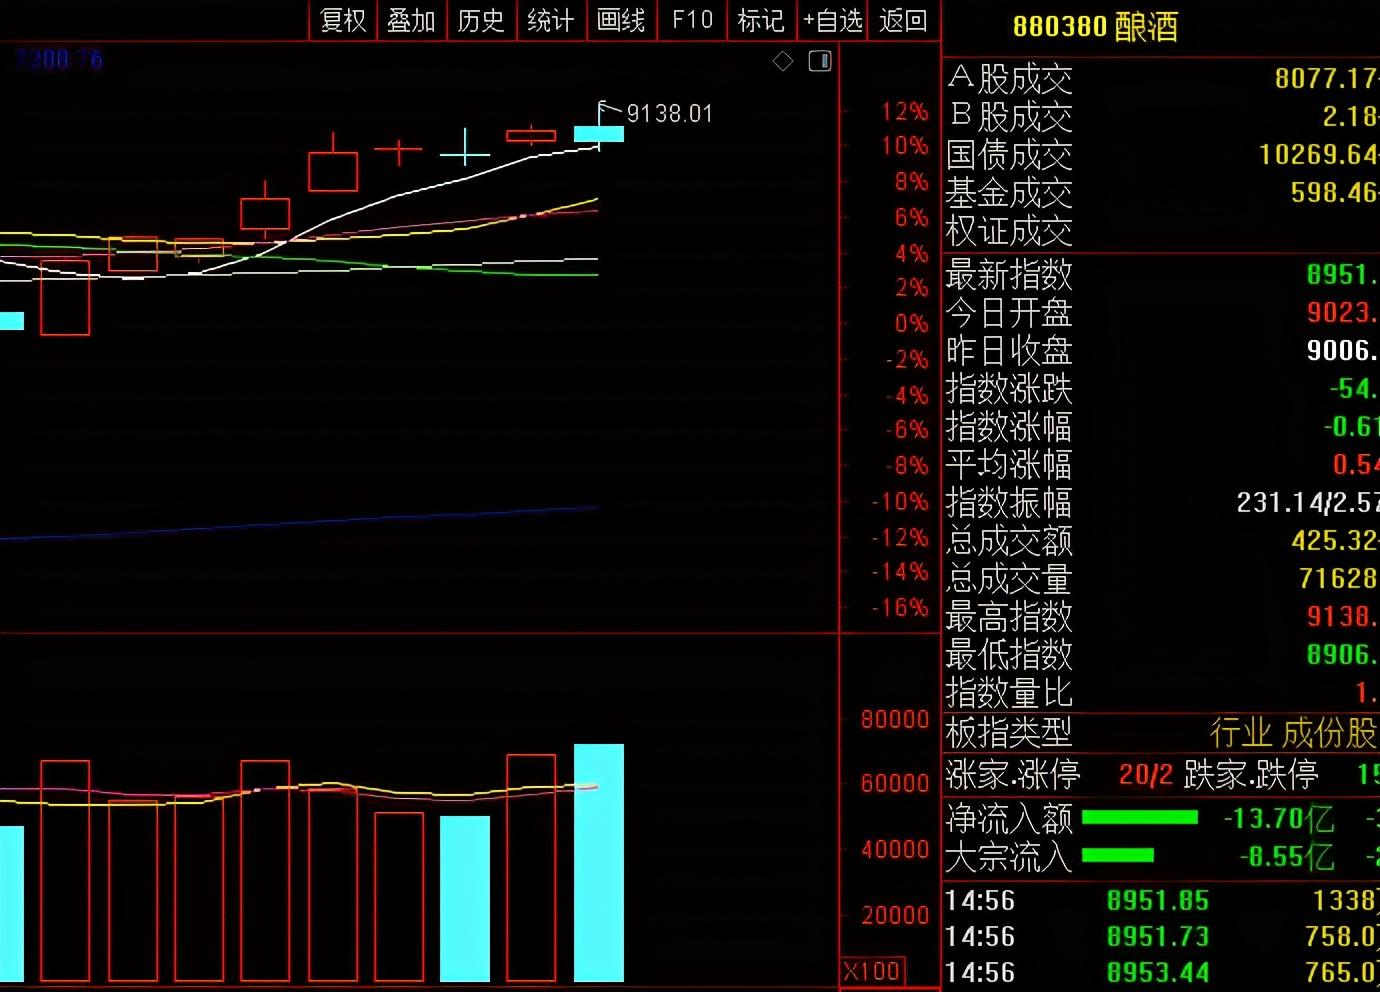 今天A股三大指数为什么全线收跌?下周一股市又会怎么走?